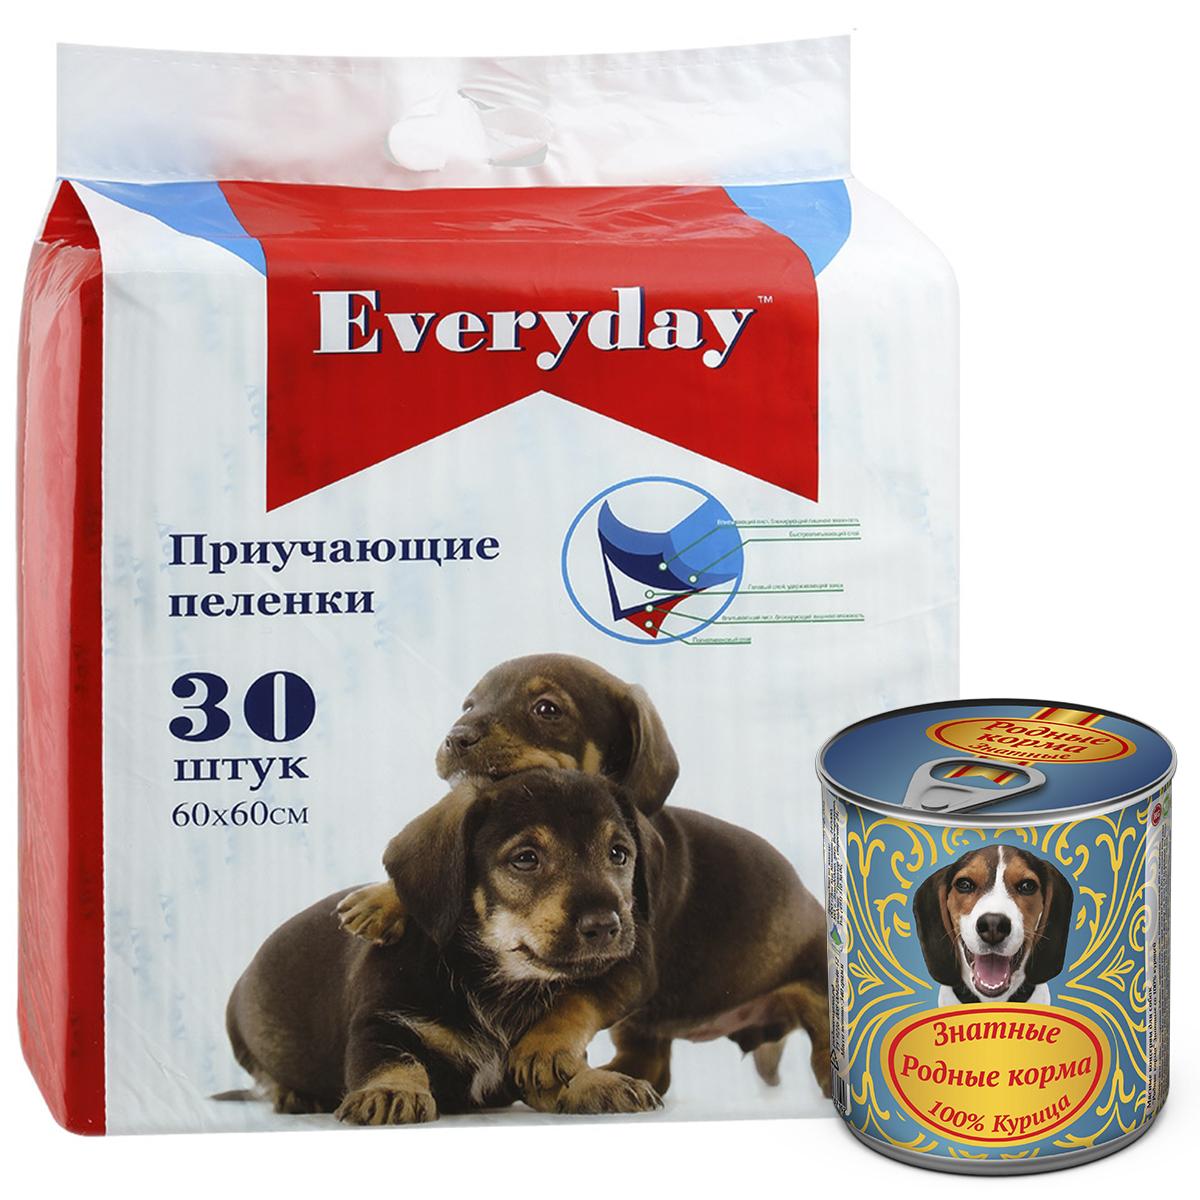 Впитывающие пеленки для животных Everyday, гелевые, 60х60 см, 30 шт + ПОДАРОК: Консервы для собак Родные корма Знатные, 100 % Курица, 340 г0120710Пелёнки изготовлены под девизом: Цена+качество+ гигиена+комфорт. Имеют ненавязчивый привлекающий аромат. Содержат специальный гель внутри впитывающего слоя, что позволяет продлить срок использования гигиенического изделия. Всегда чисто! Всегда сухо! + ПОДАРОК Консервы РОДНЫЕ КОРМА Знатные 100 % Курица для собак 340 г